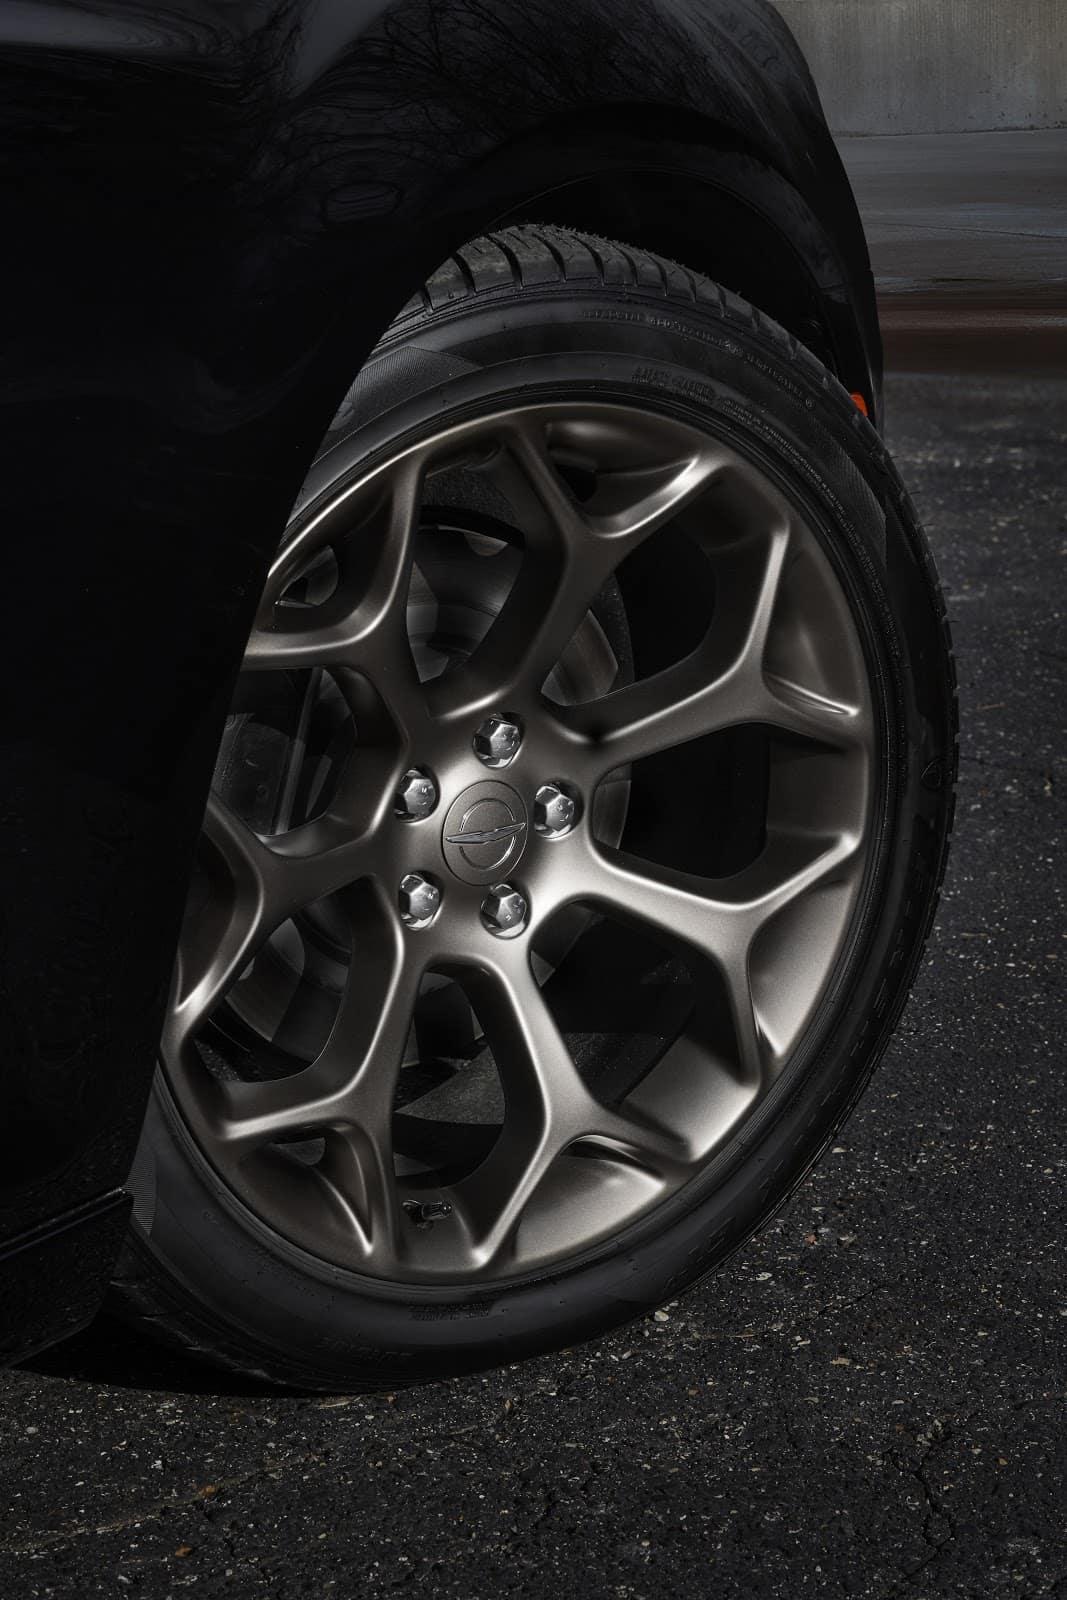 2019 Chrysler 300 Tire on Gravel